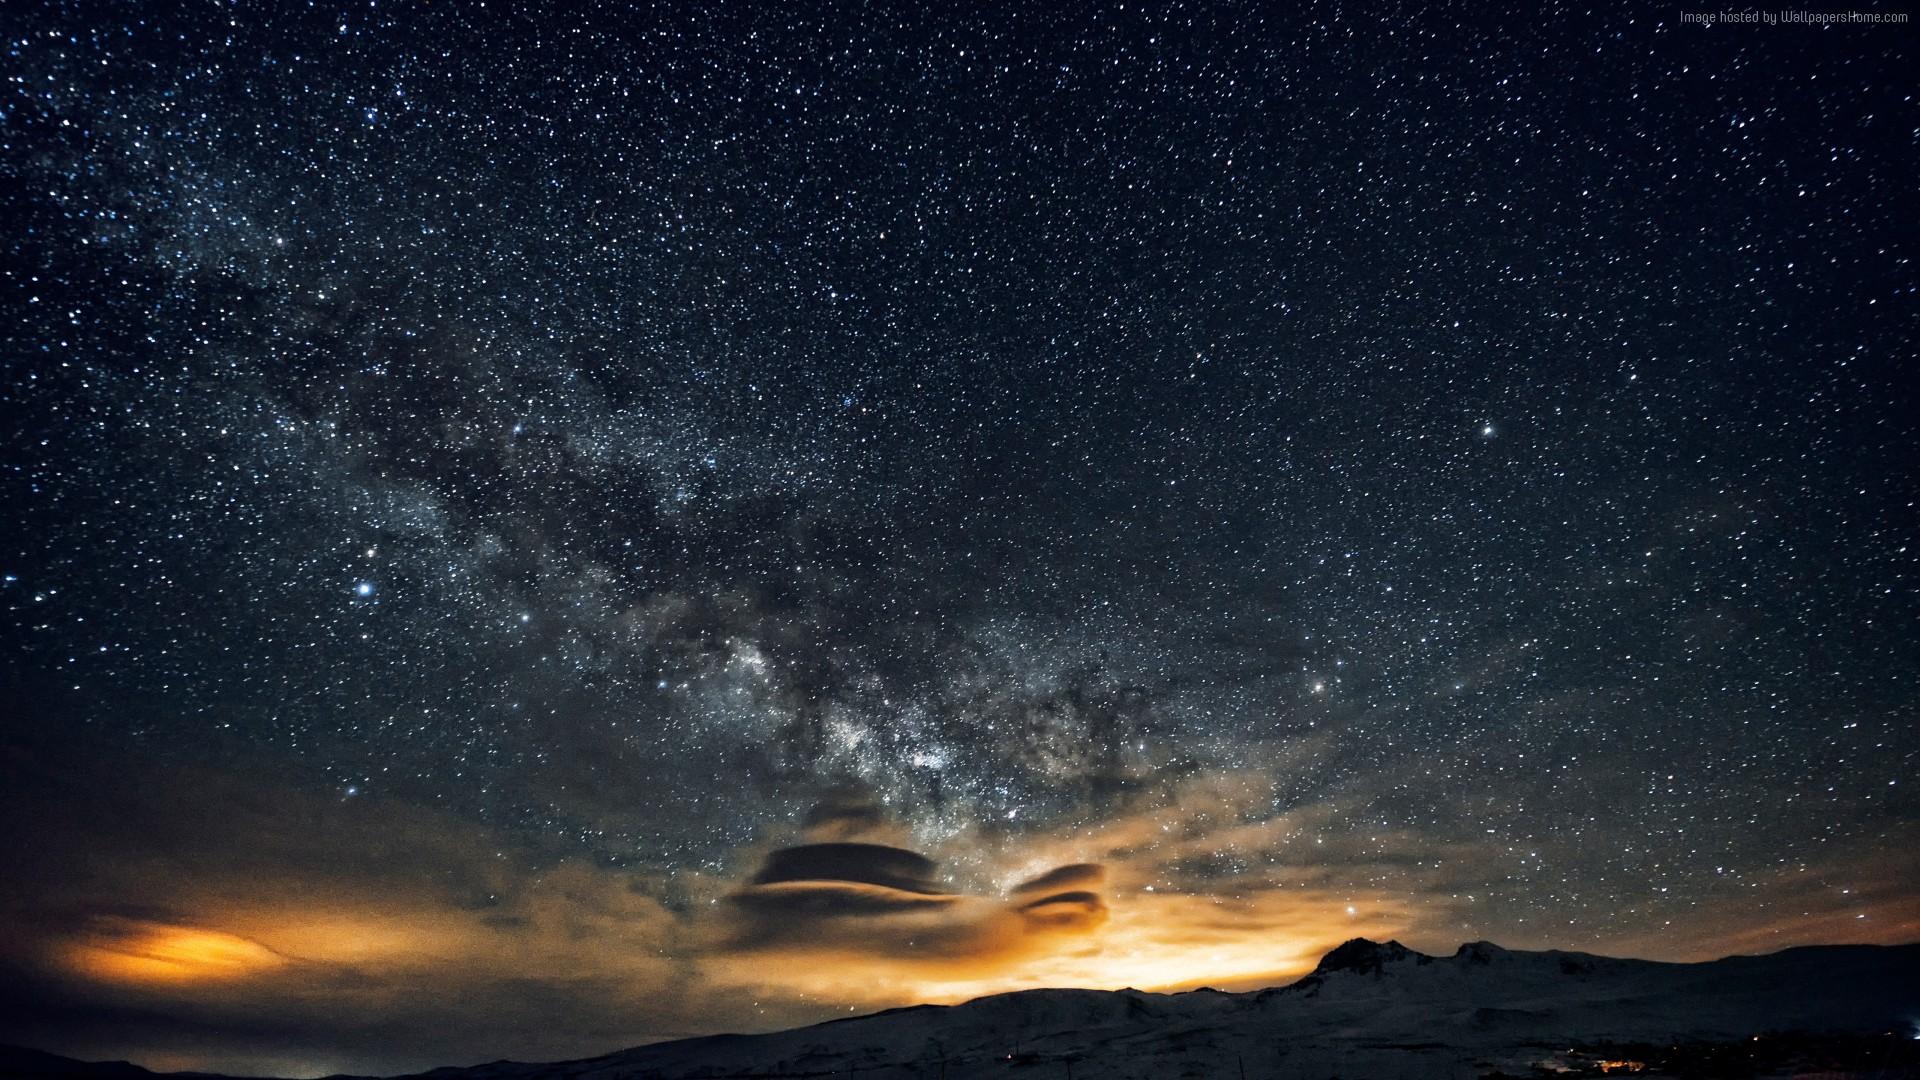 tải ảnh bầu trời đầy sao